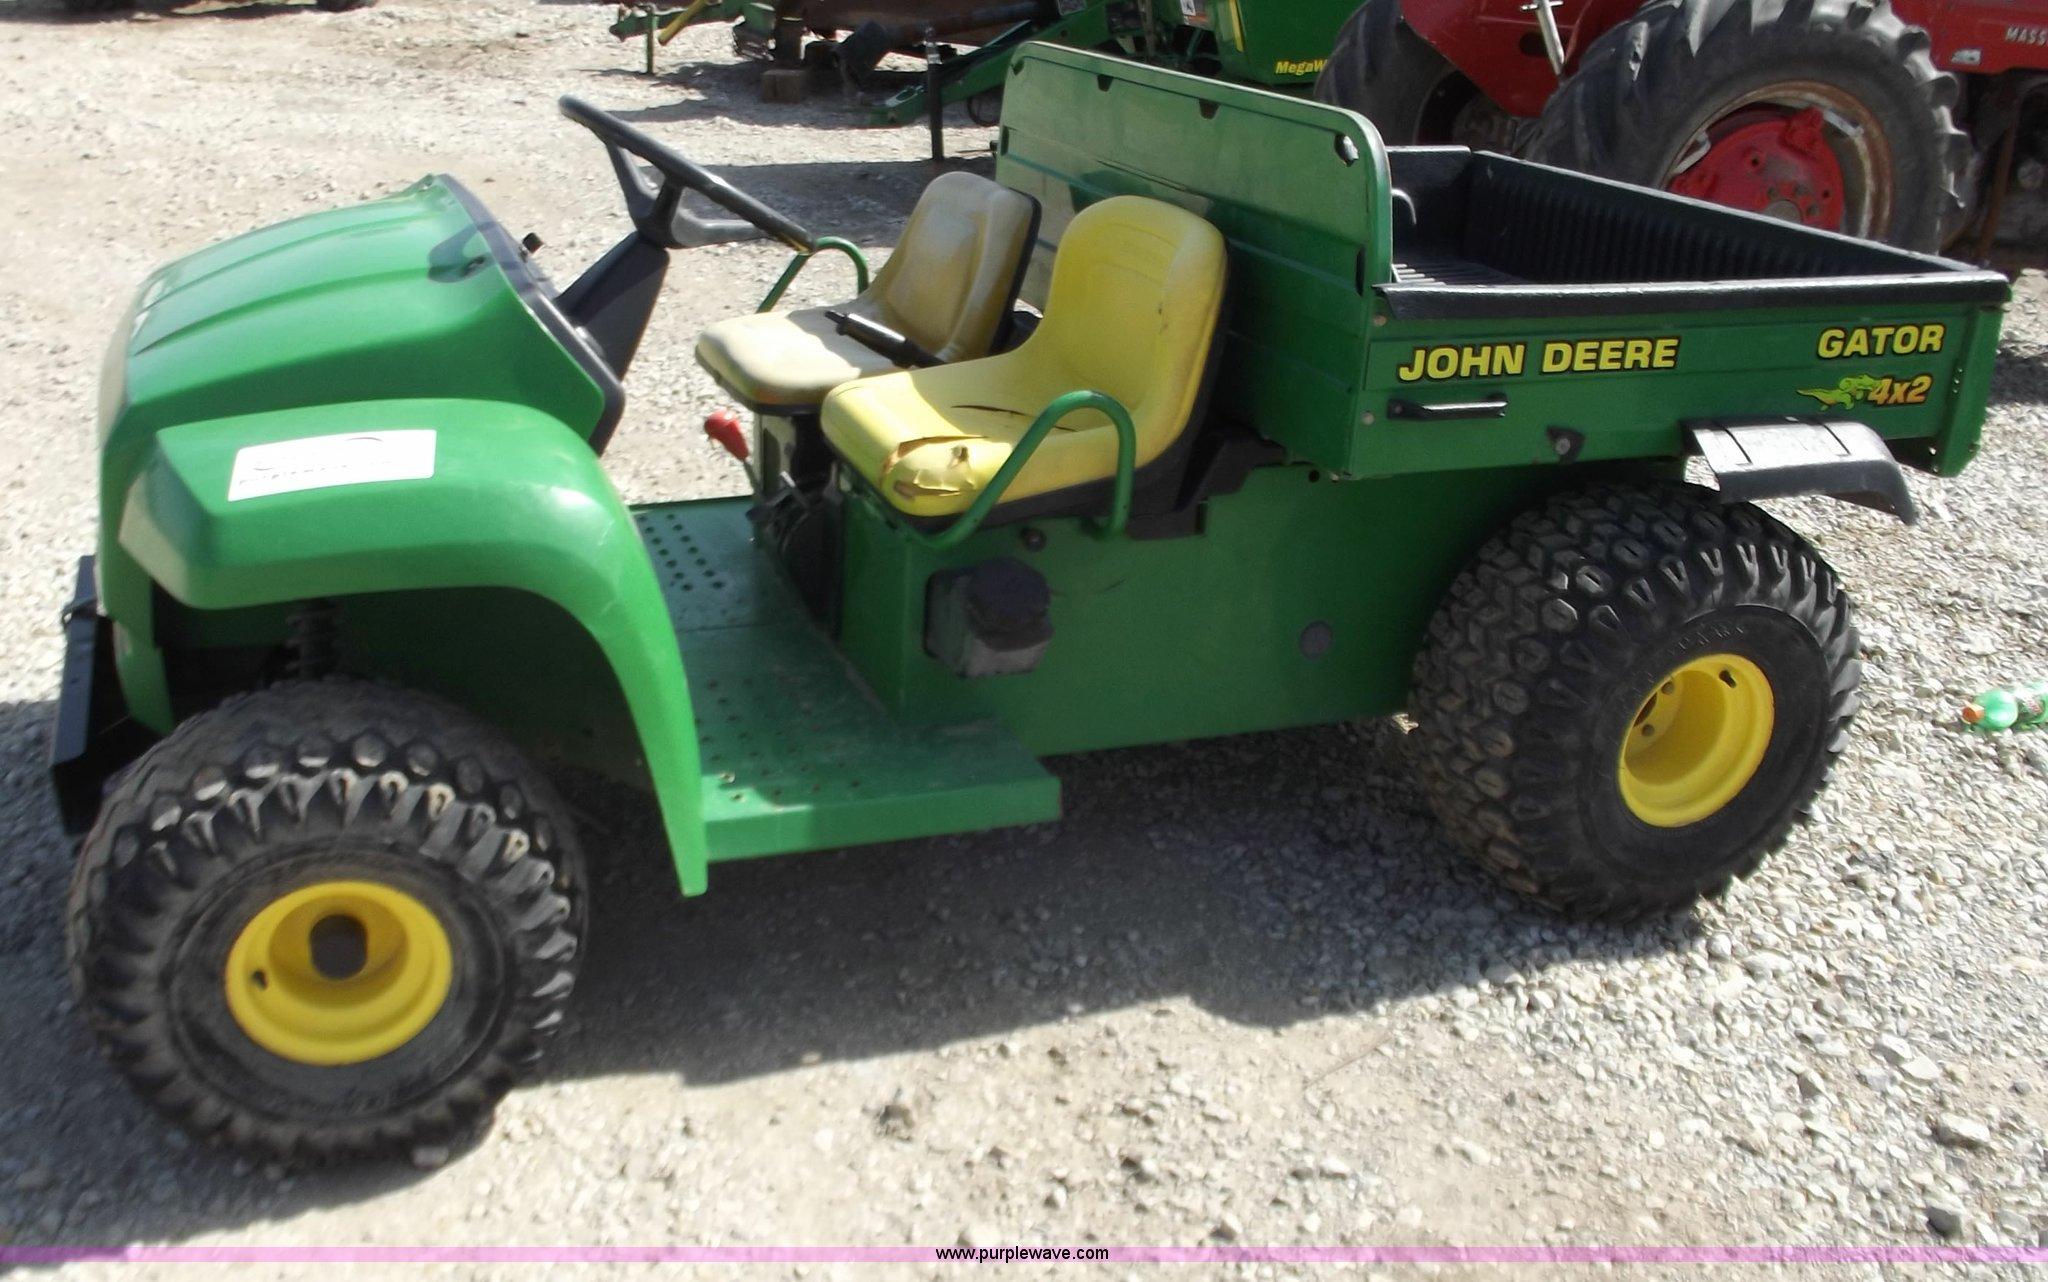 John Deere Gator For Sale >> 2001 John Deere 4x2 Gator Item D3583 Sold March 30 Ag D